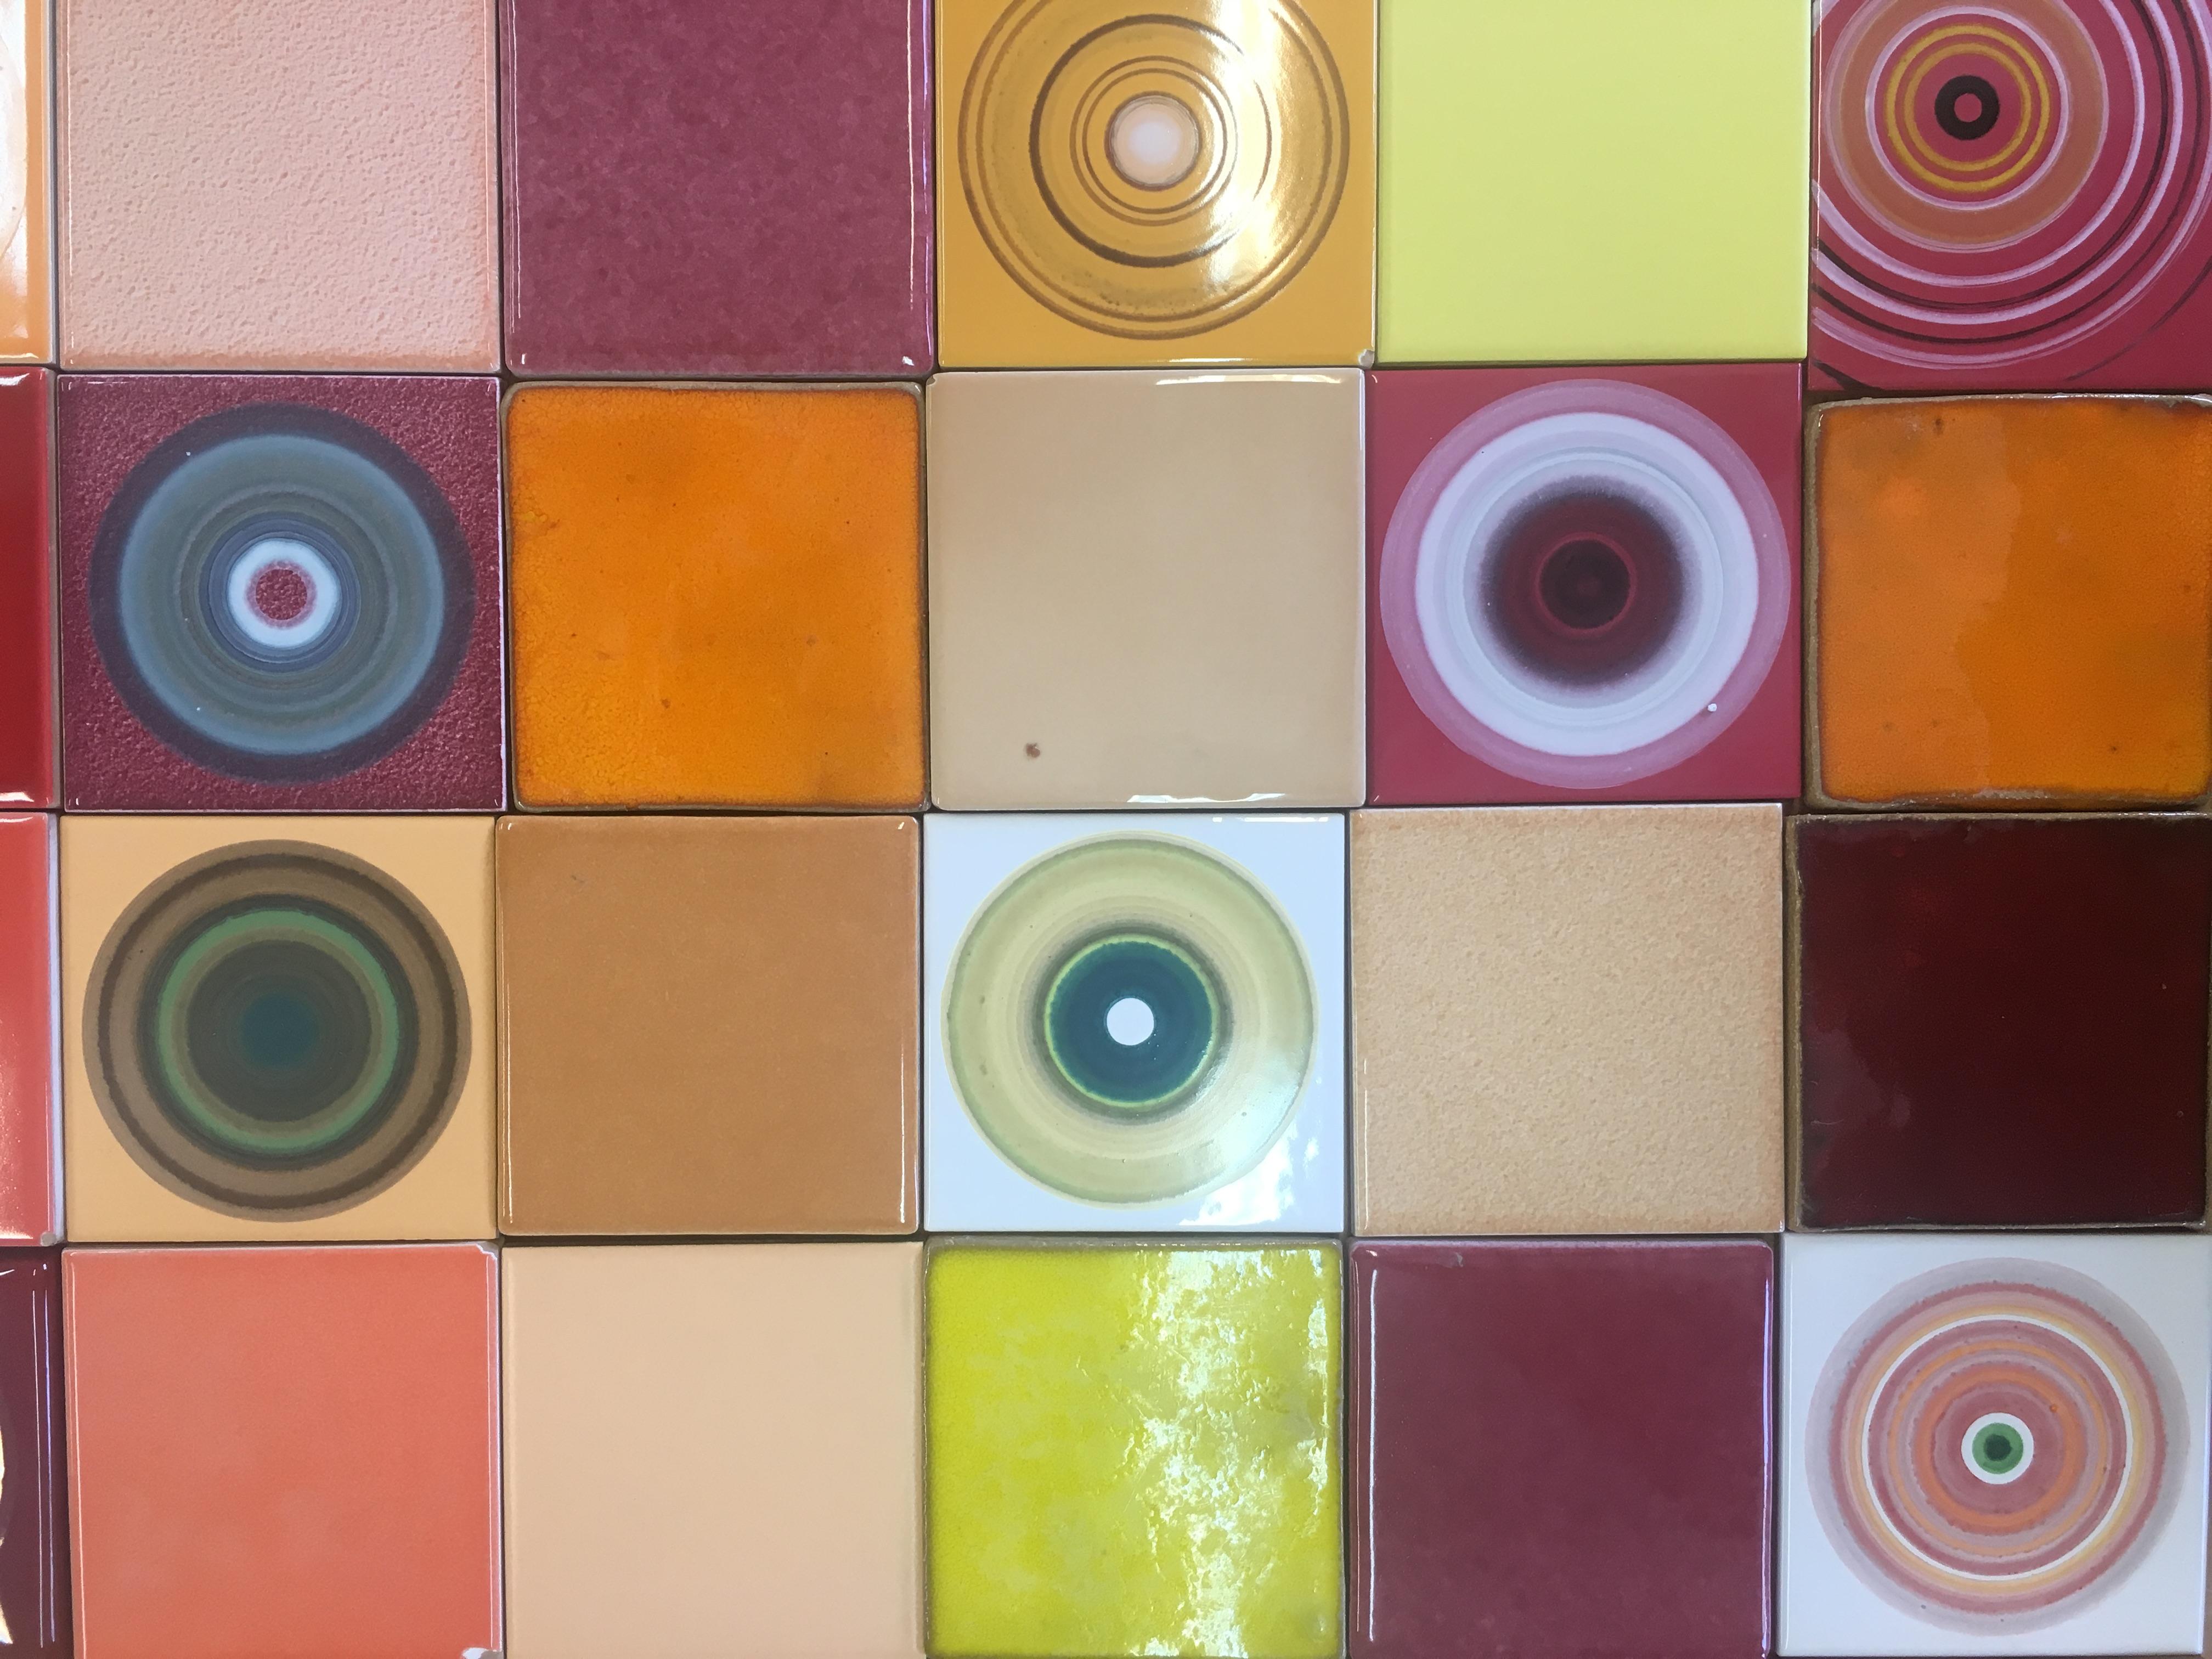 קרמיקה צבעונית אריחים צבעוניים